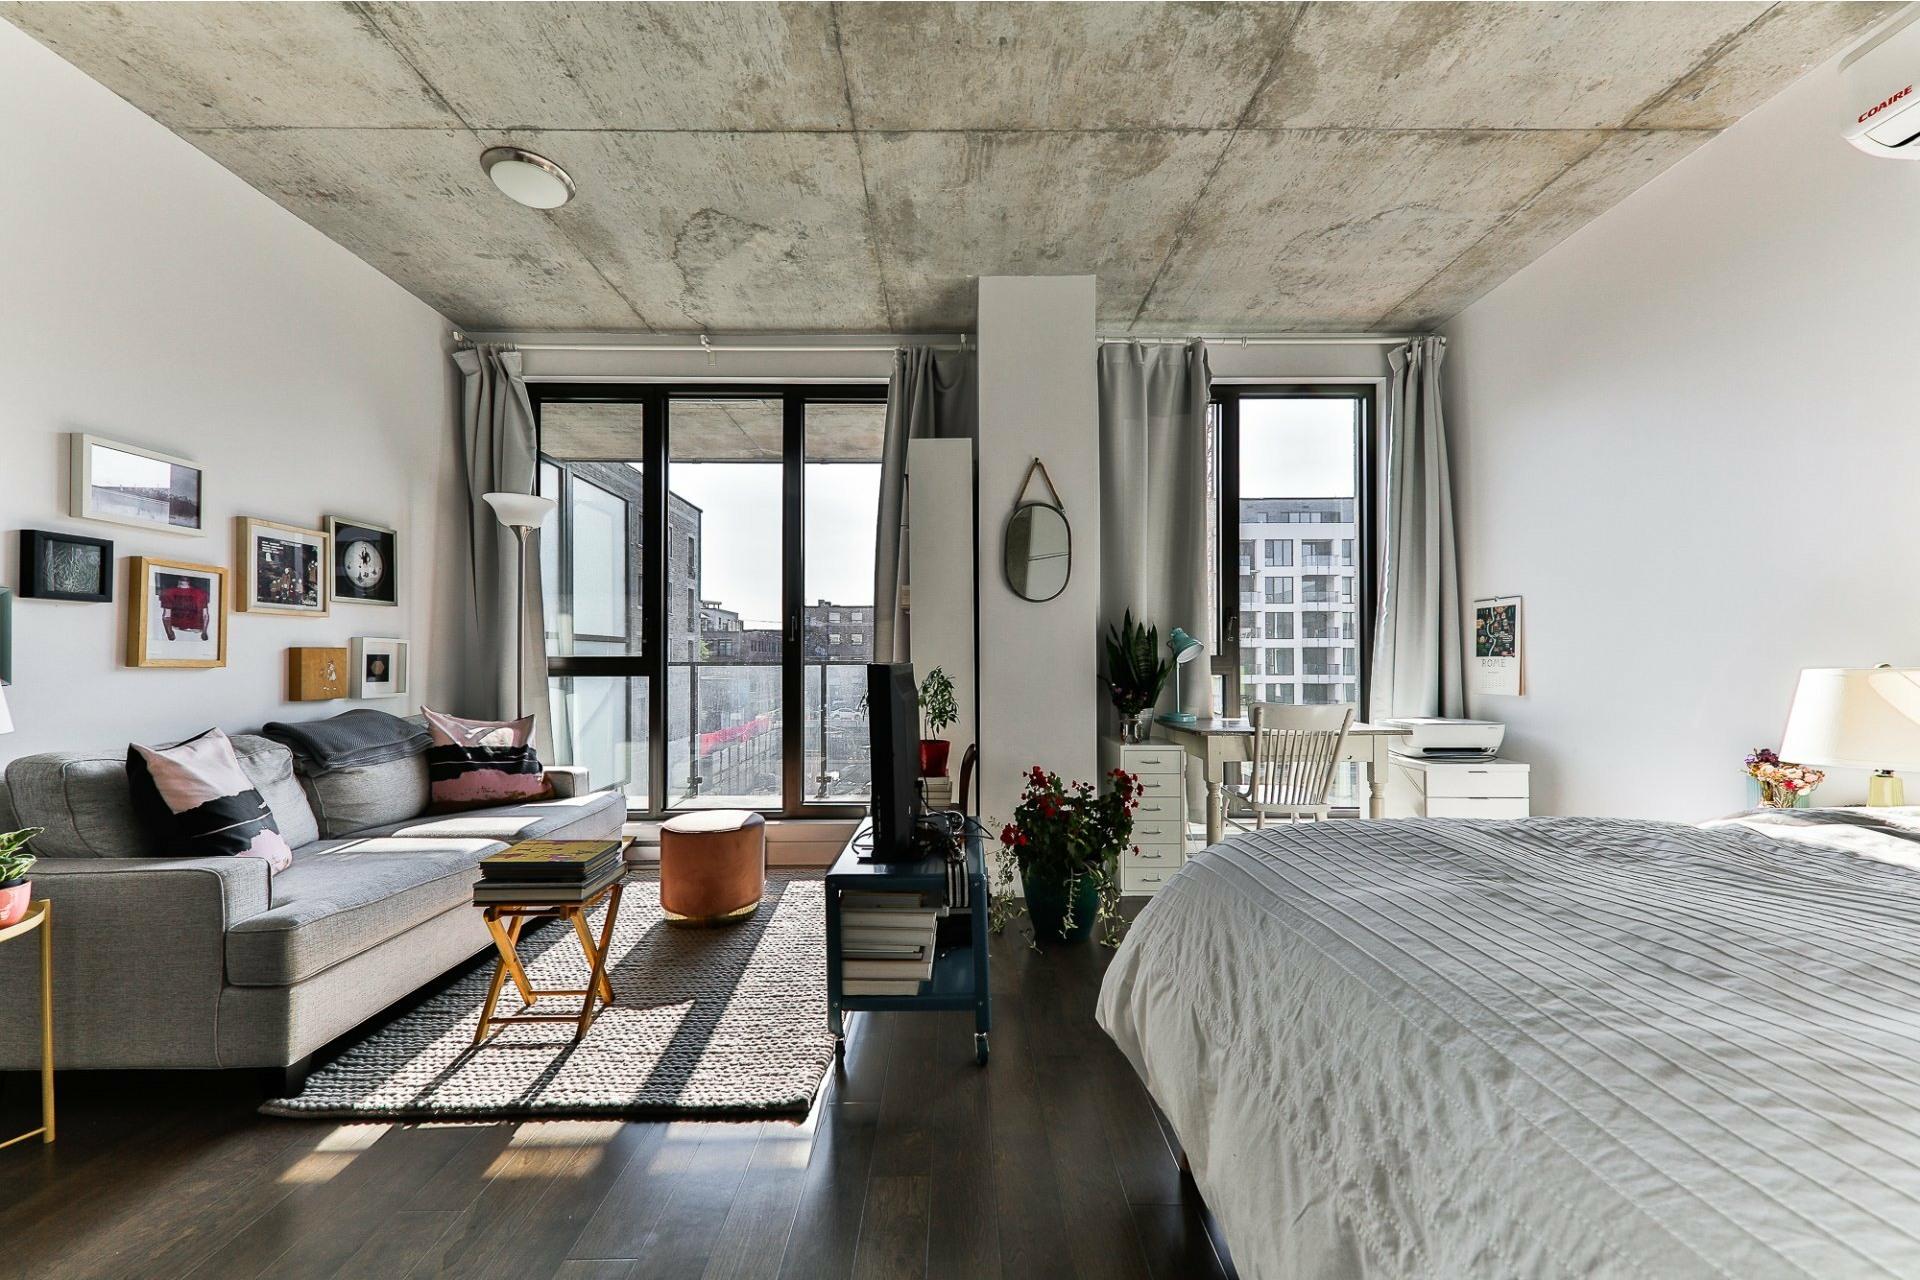 image 1 - Appartement À vendre Villeray/Saint-Michel/Parc-Extension Montréal  - 4 pièces